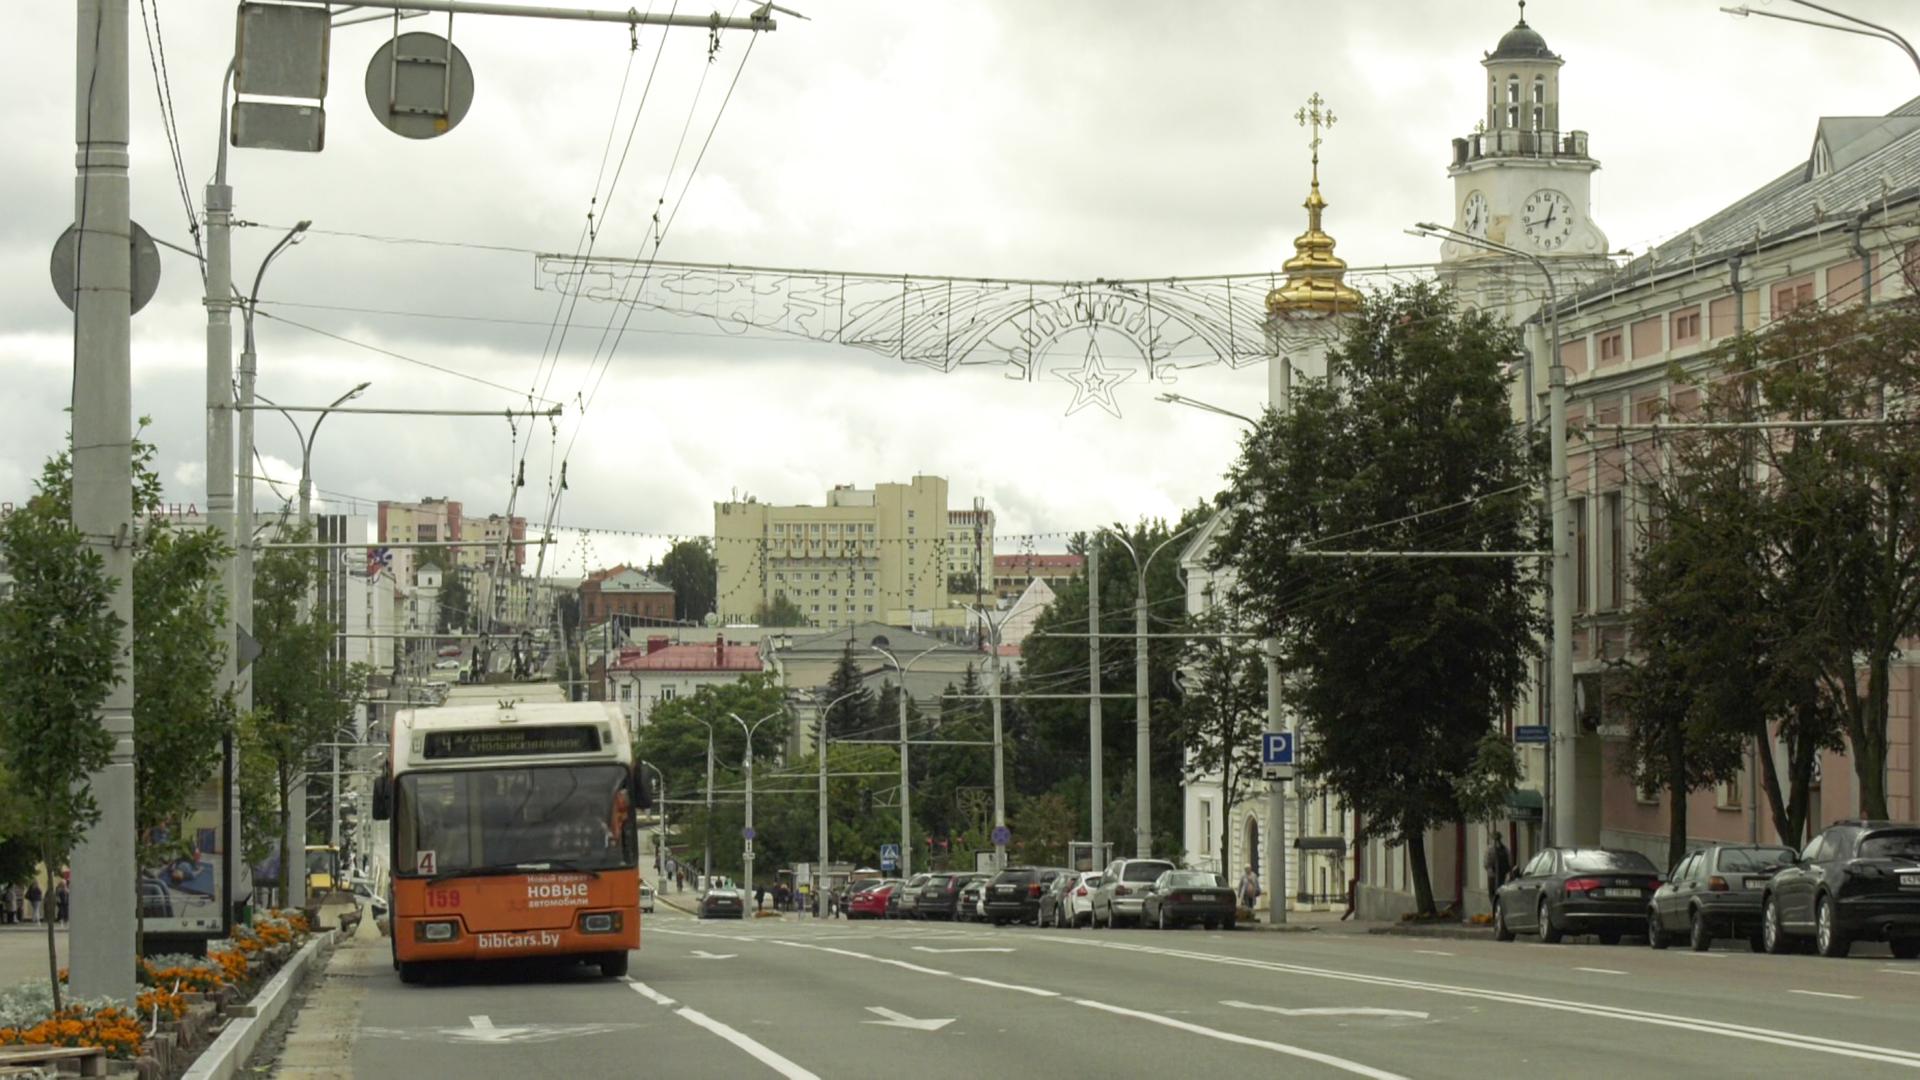 dozhinki - Витебск готовится к «Дажынкам-2020» (видео)